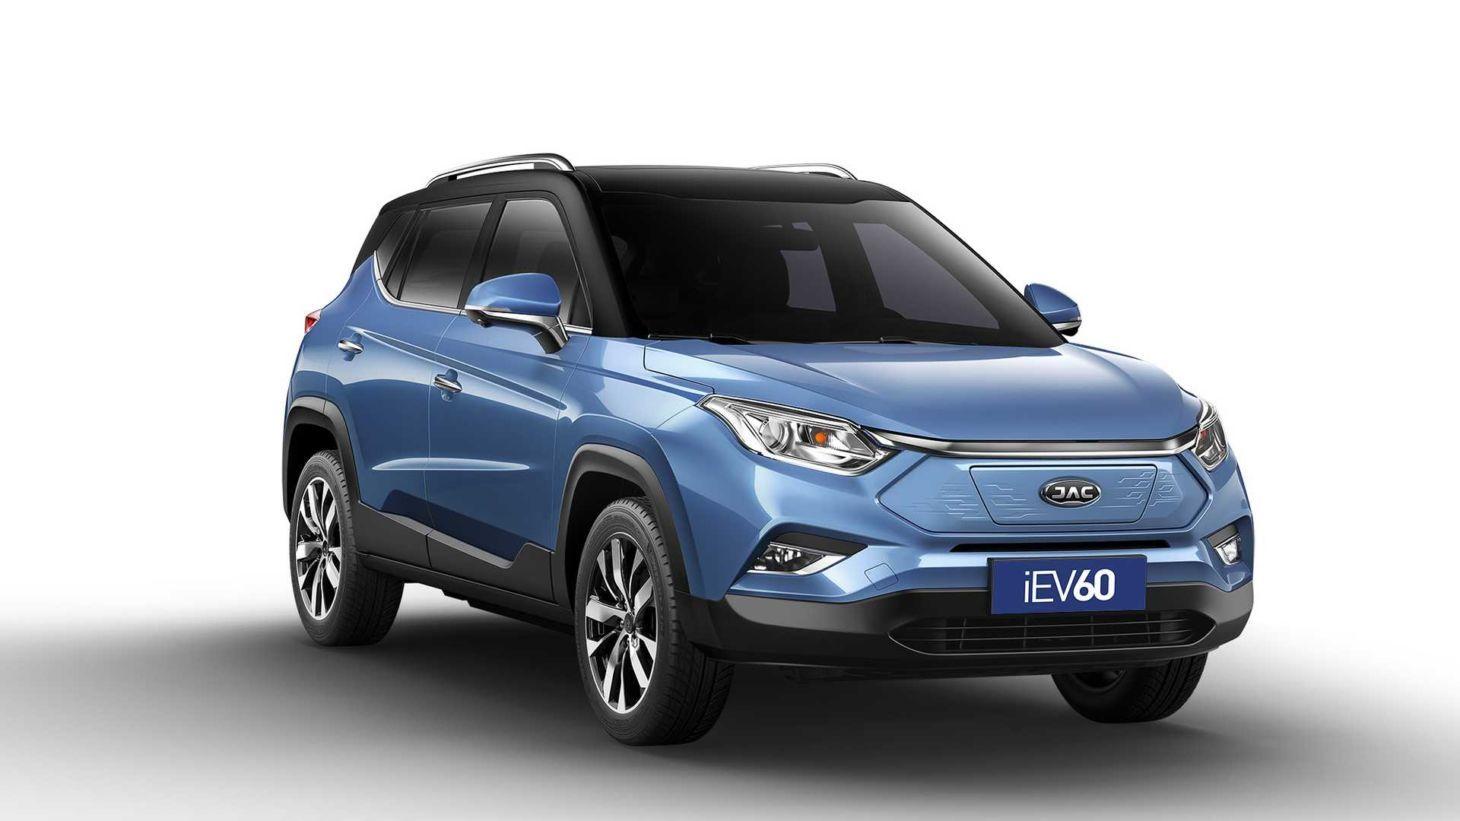 jac iev60 suv eletrico A JAC fez uma grande aposta nos veículos elétricos para o Brasil, e passará a vender cinco novos modelos, incluindo SUVs, picape e caminhão.